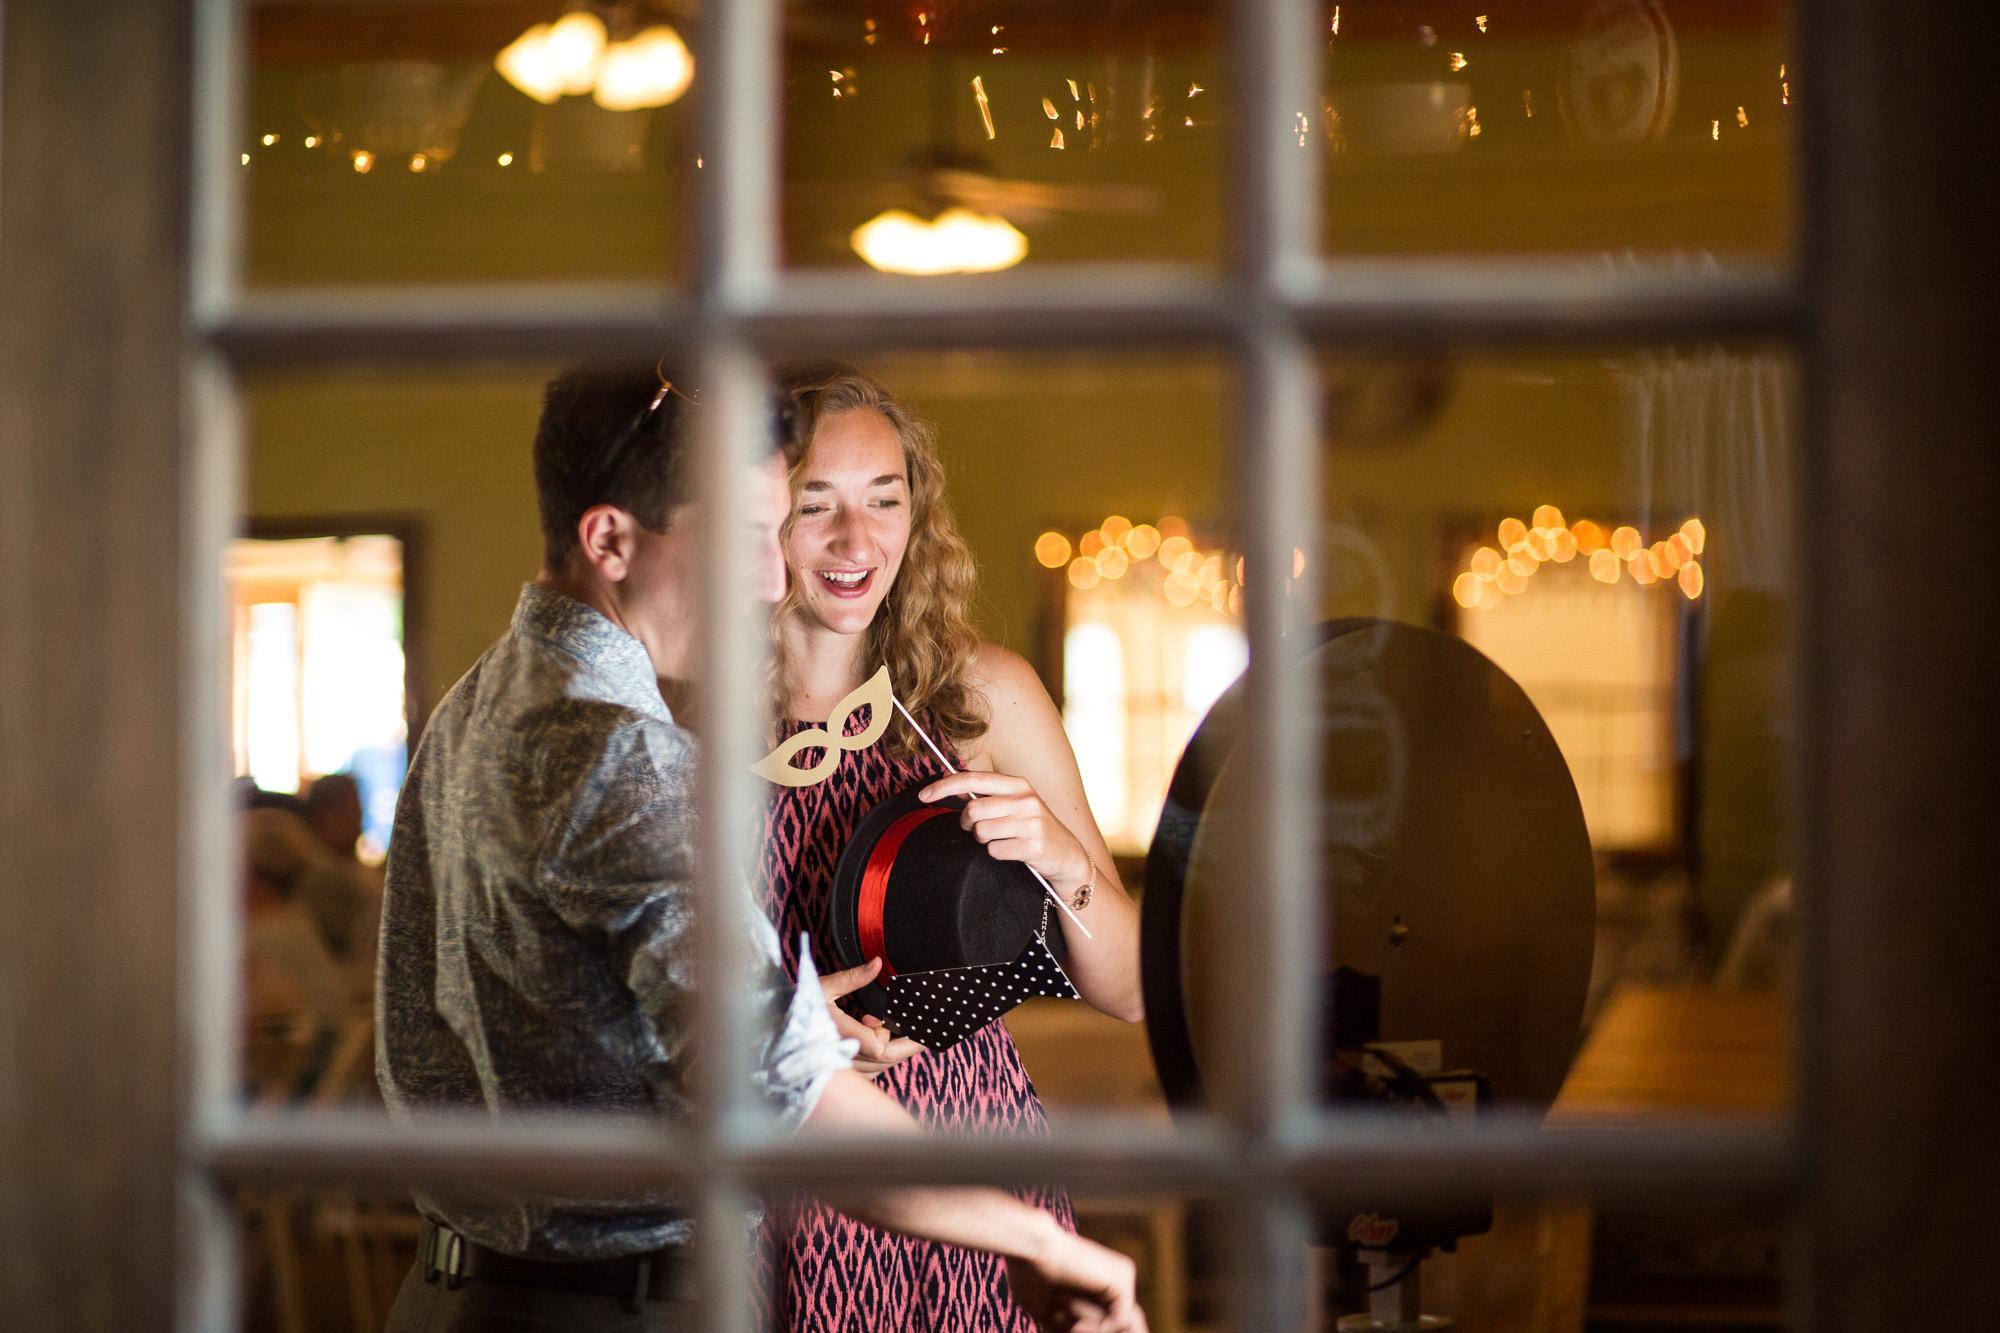 wood-acres-wedding-CT-photo-booth-gif-booth-8.jpg